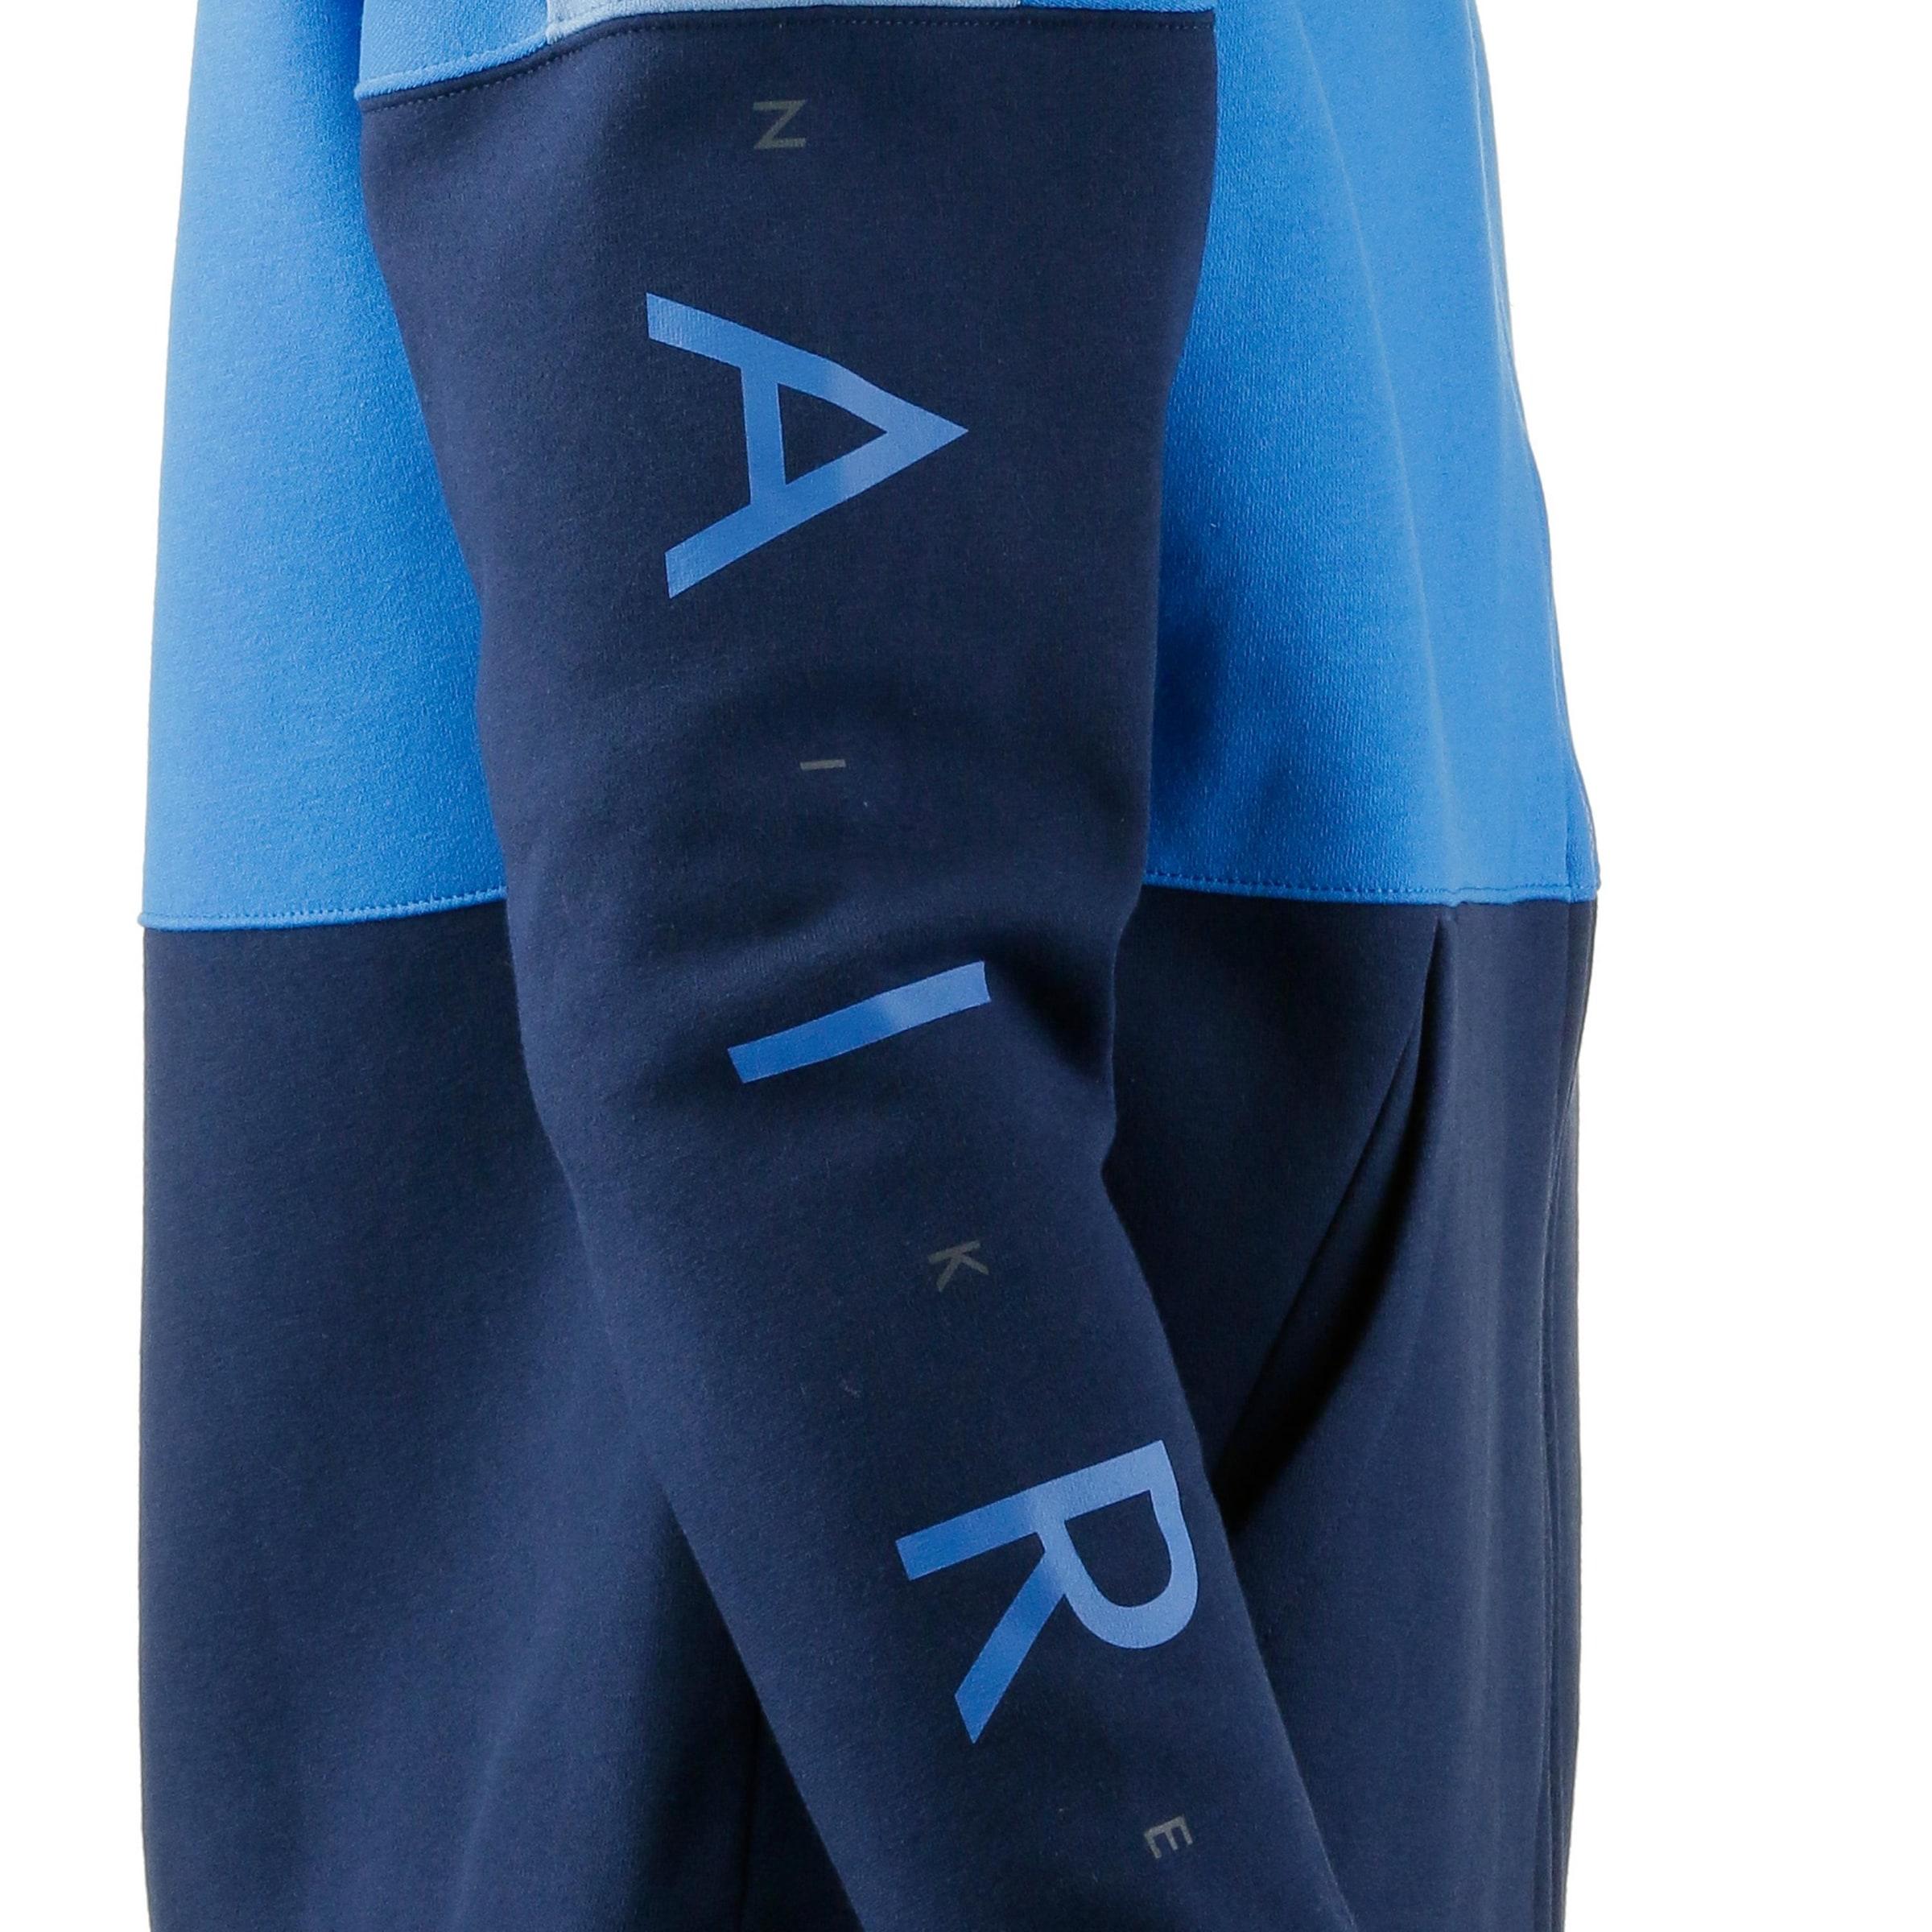 Freies Verschiffen Eastbay Freies Verschiffen Vorbestellung Nike Sportswear Kapuzenjacke Rabatt Kaufen Billig Klassisch Spielraum Online DH2ceetR